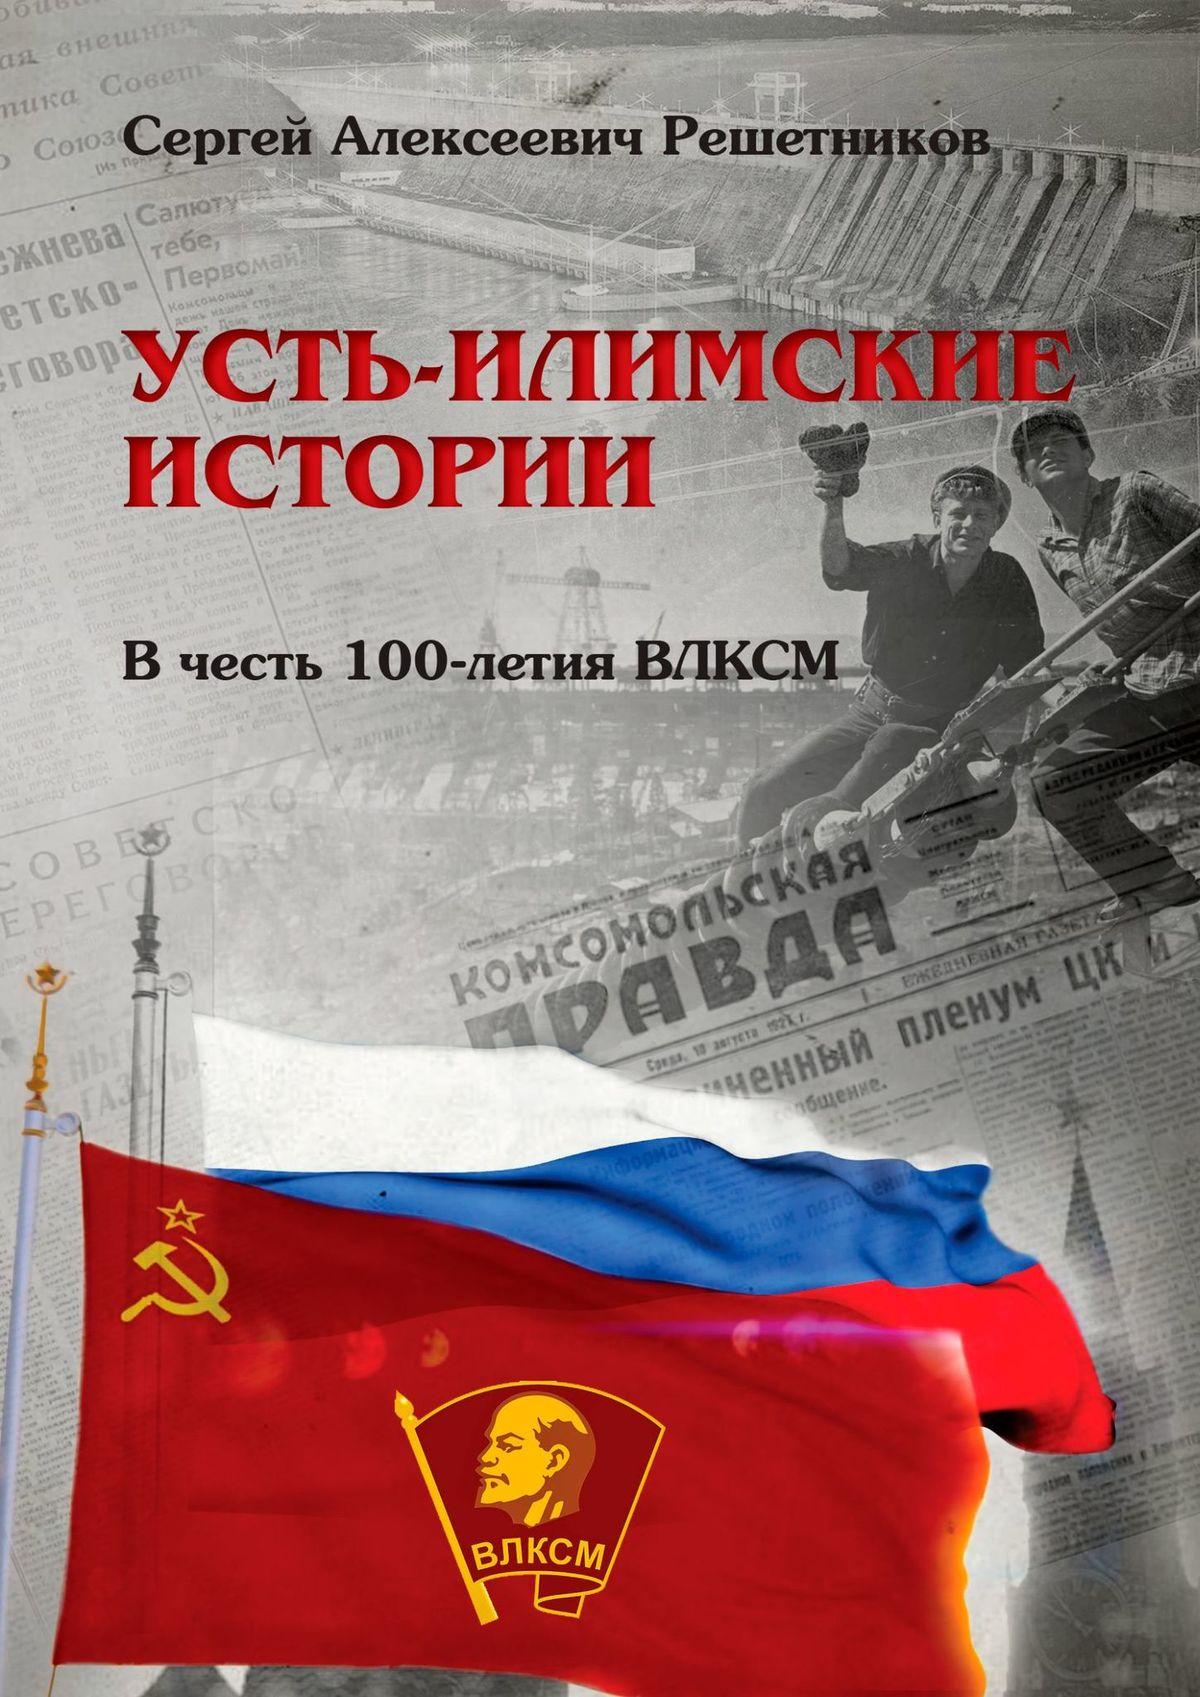 Усть-Илимские истории. Вчесть 100-летия ВЛКСМ